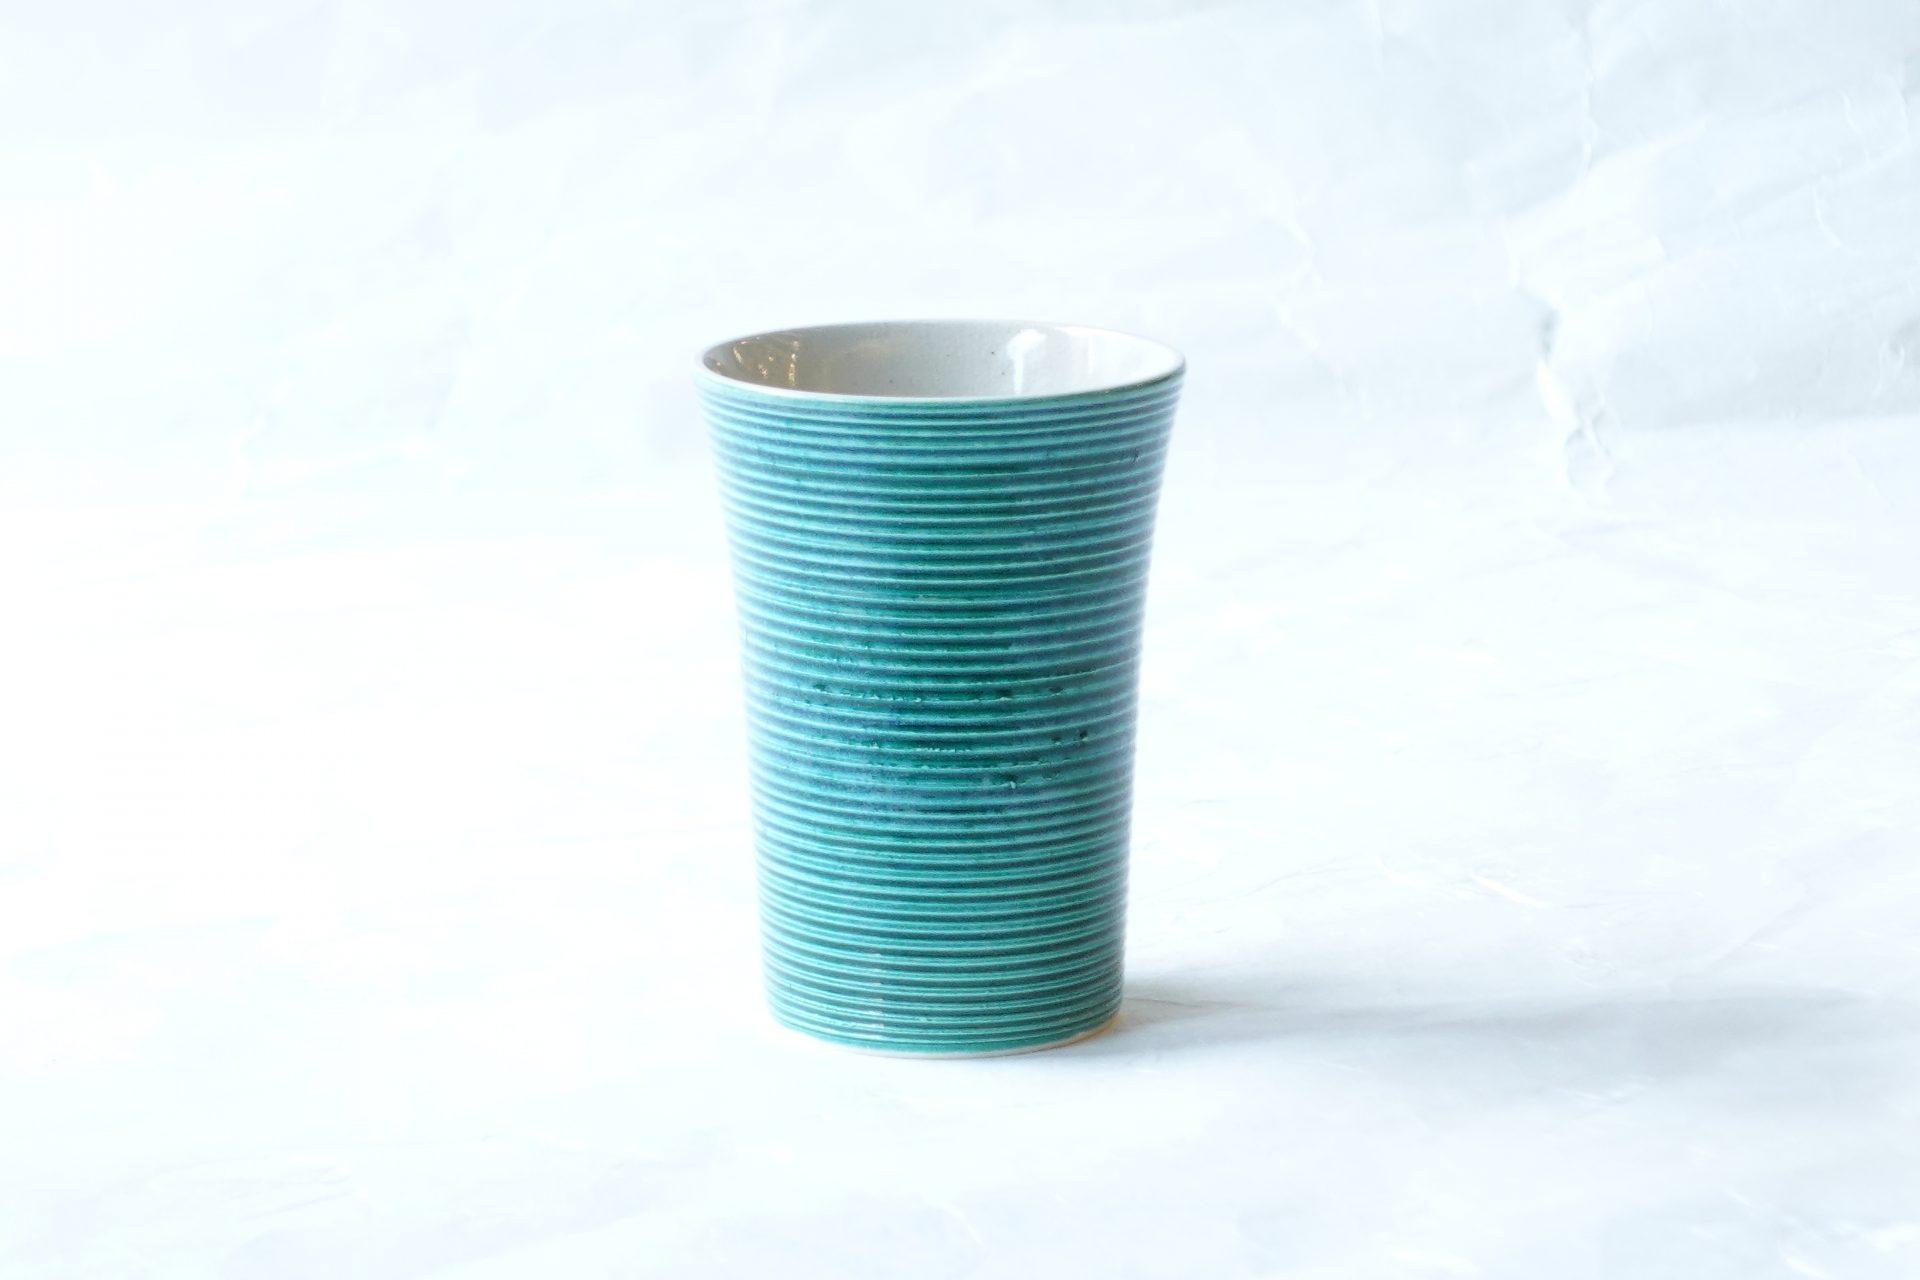 陶器 清水焼 手づくり 湯呑み 千筋 緑交趾 ろくろ挽き 手作業 彫り 立体的 凹凸  鮮やか こっくりとした 深い色 きれいな色 シンプル 艶 スリム 軽量 コンパクト 雰囲気 品格 飲みやすい すっきり